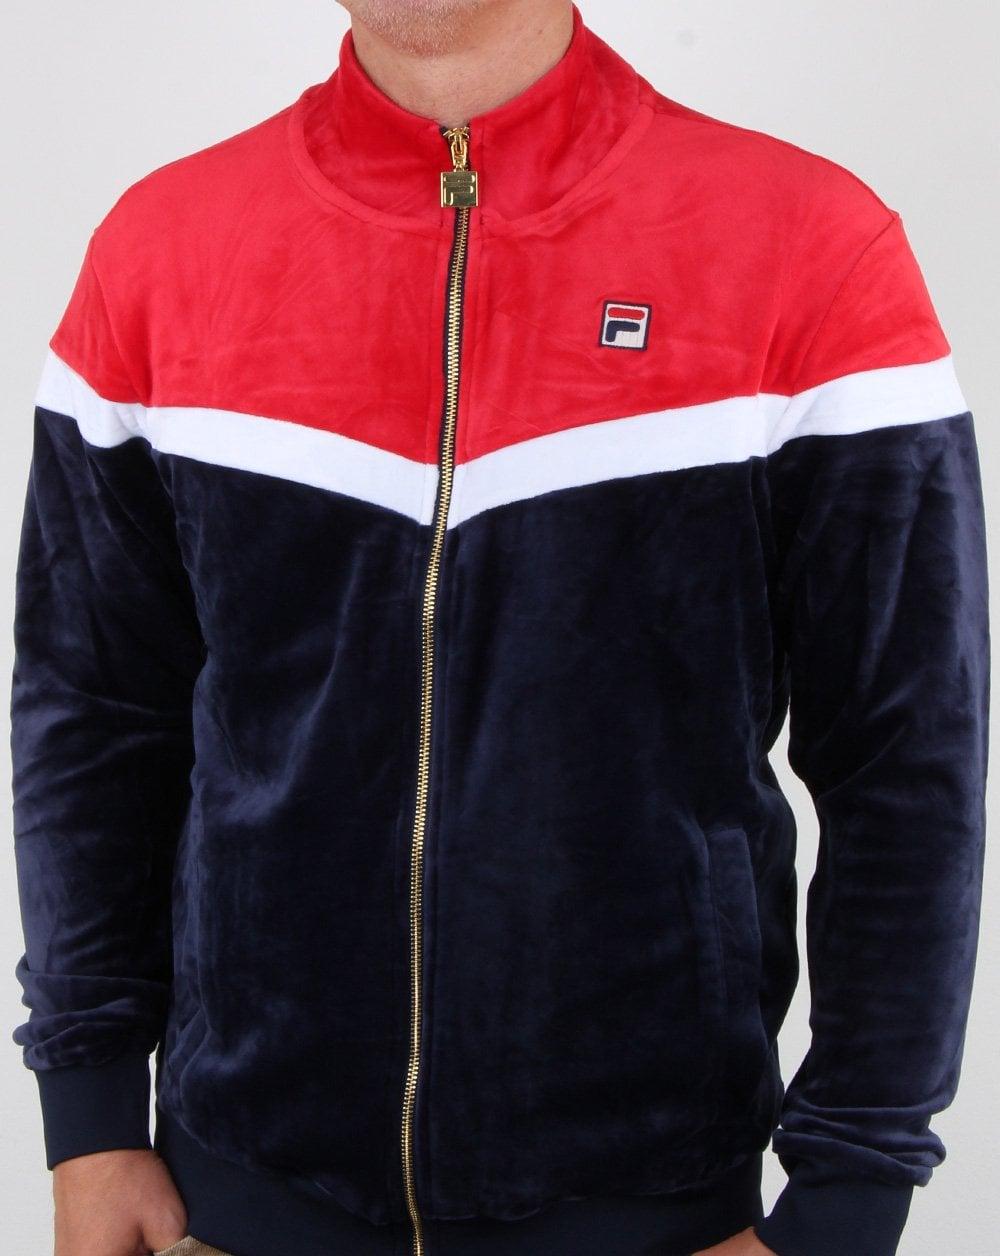 6c836815e67 Fila Vintage Harry Velour Track Top Navy/red/white, Mens, Track,Velour